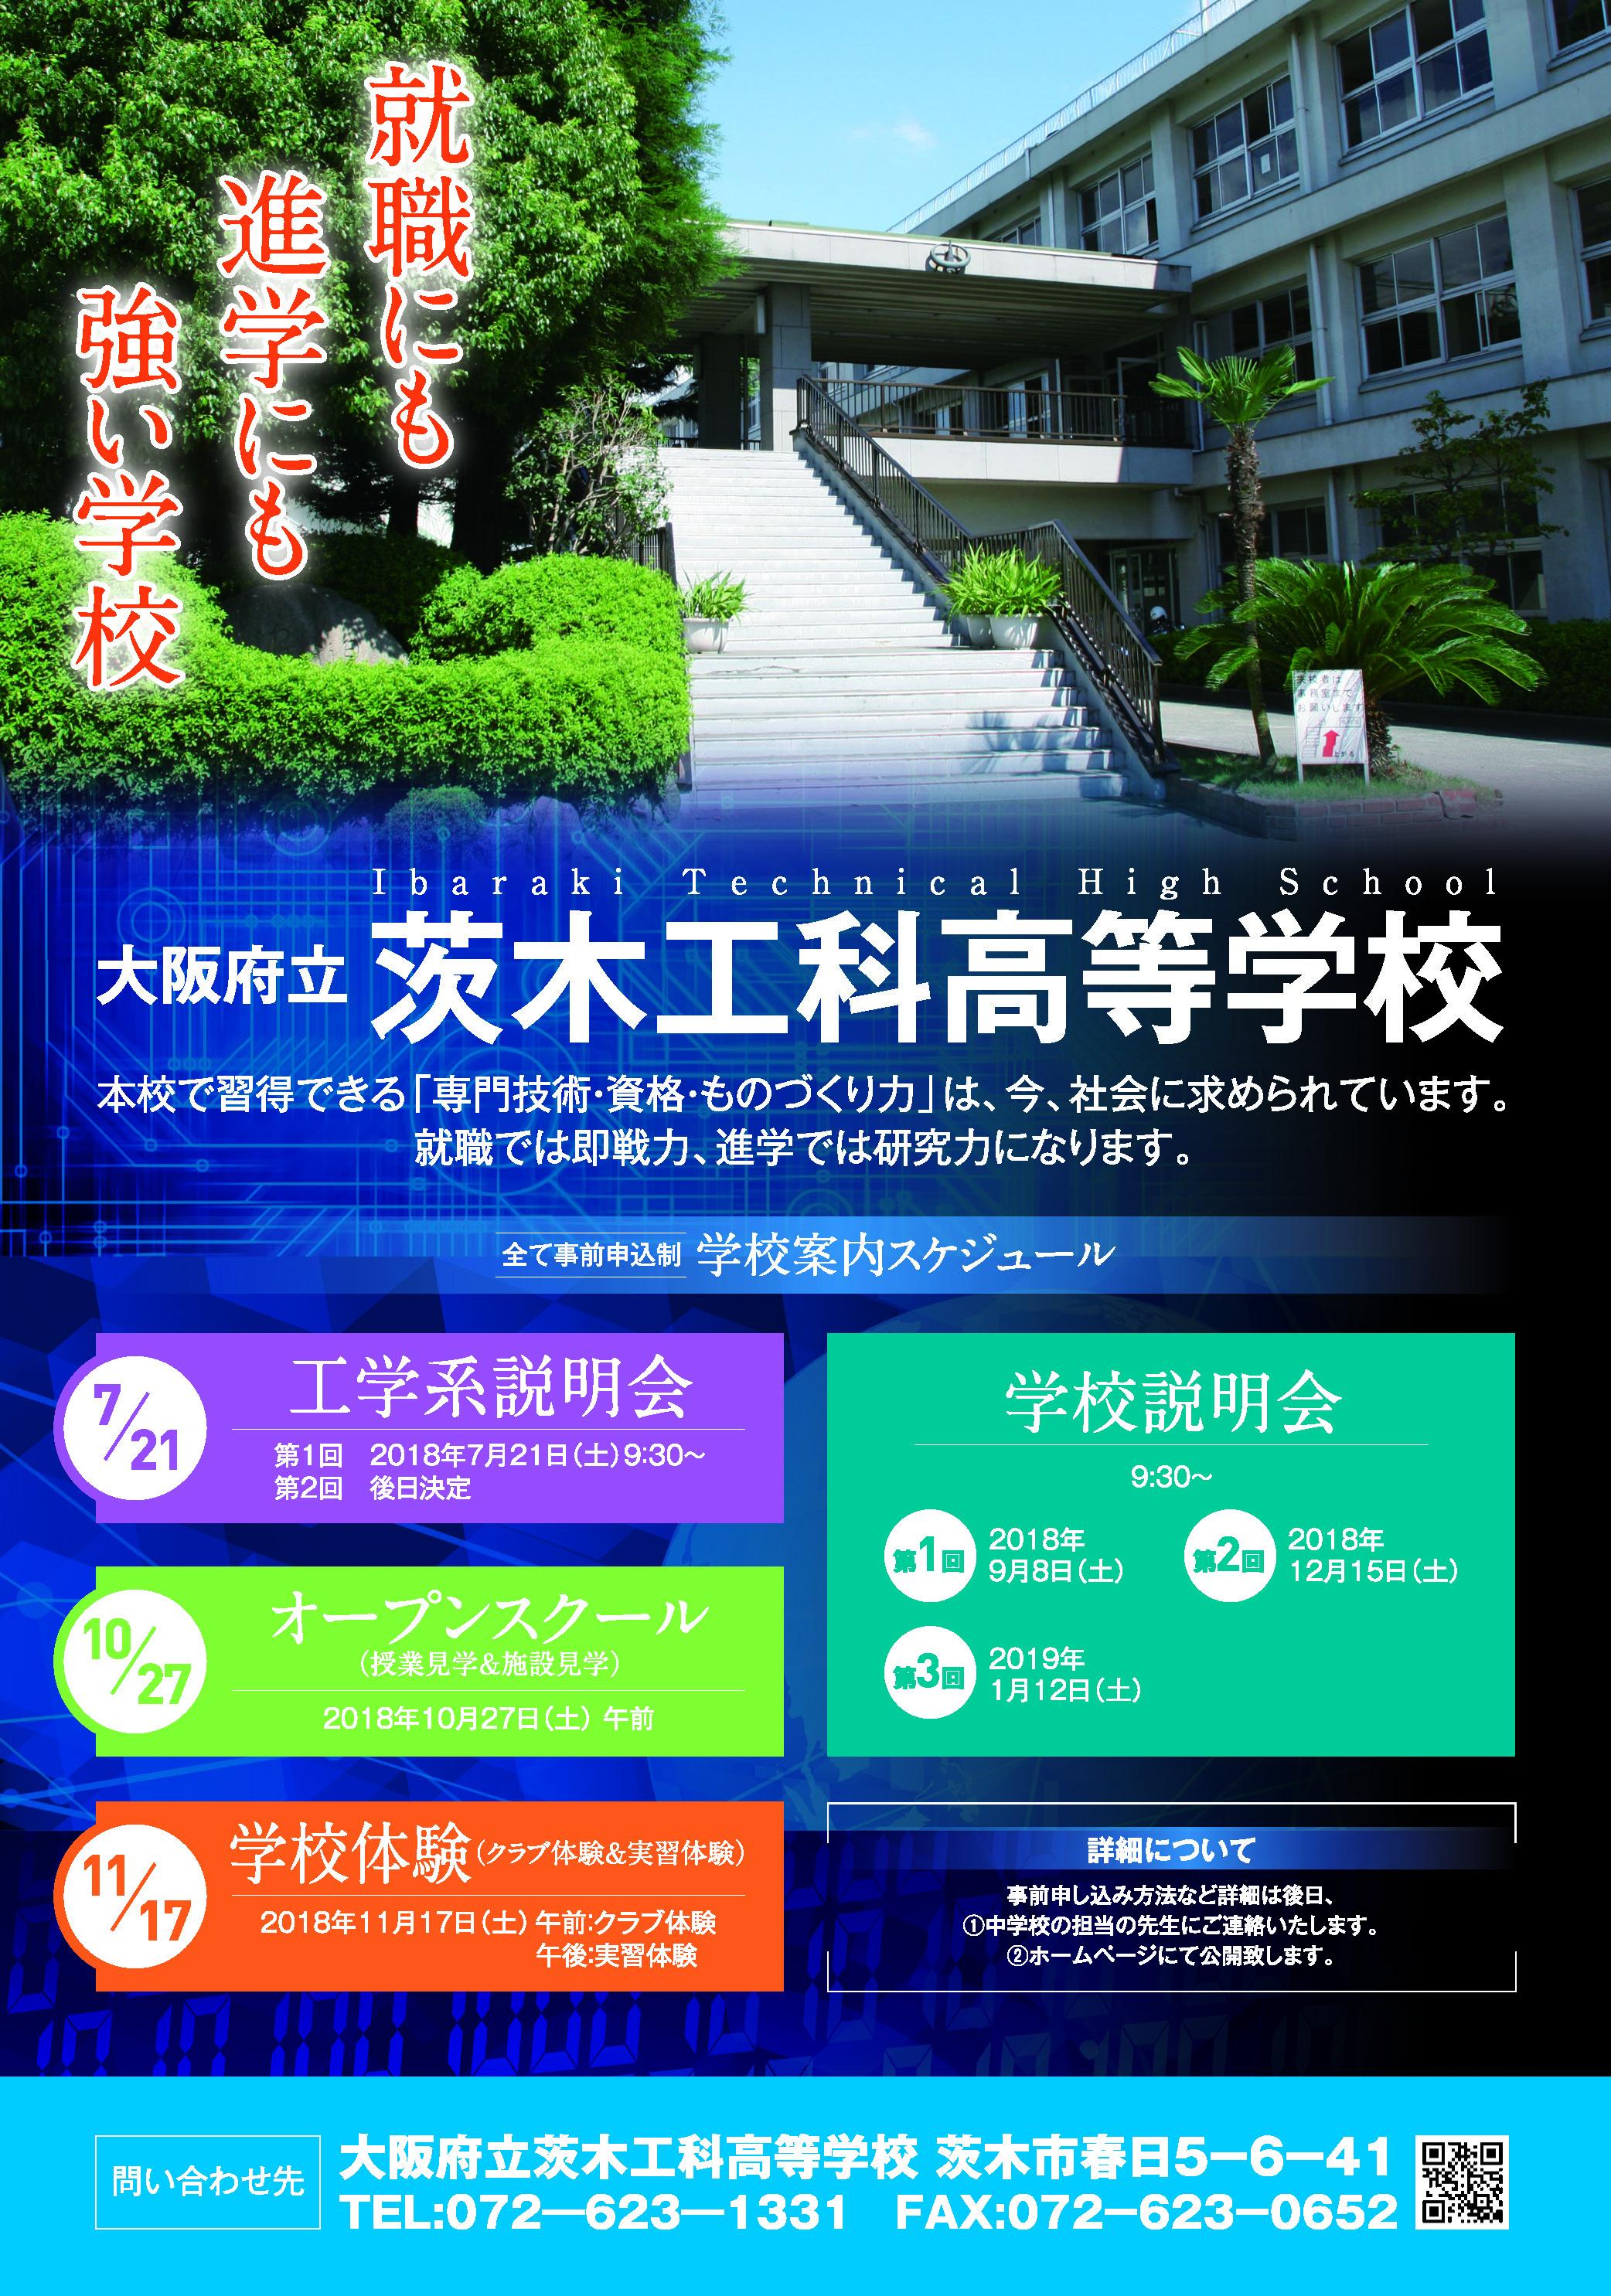 平成30年度学校公開スケジュール